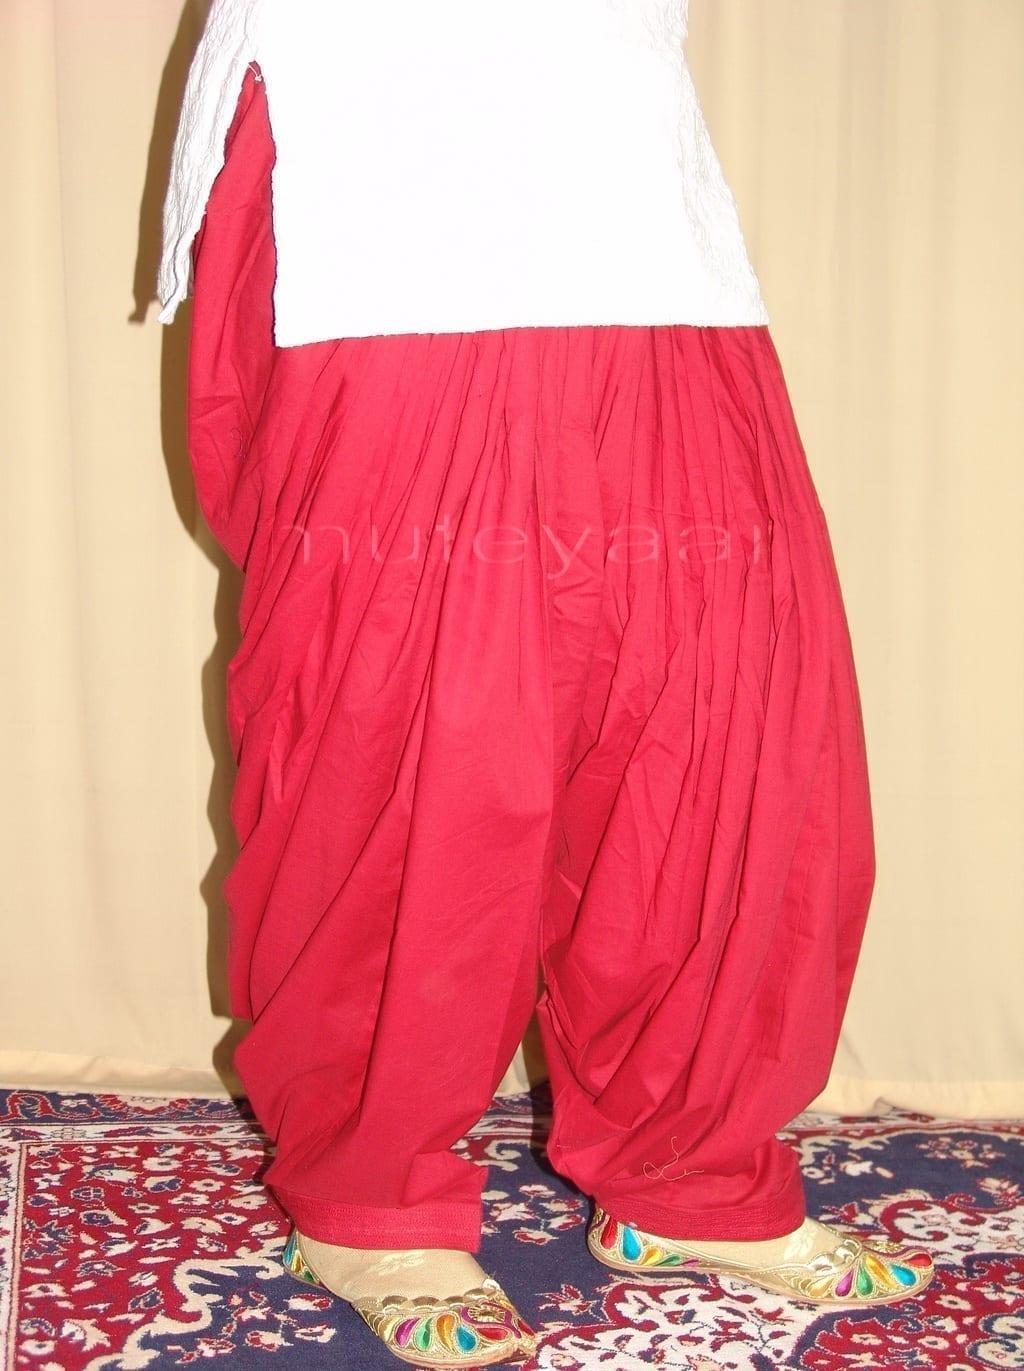 Patiala Salwars Wholesale Lot of 25 Pure Cotton Pants - Mix colours 22